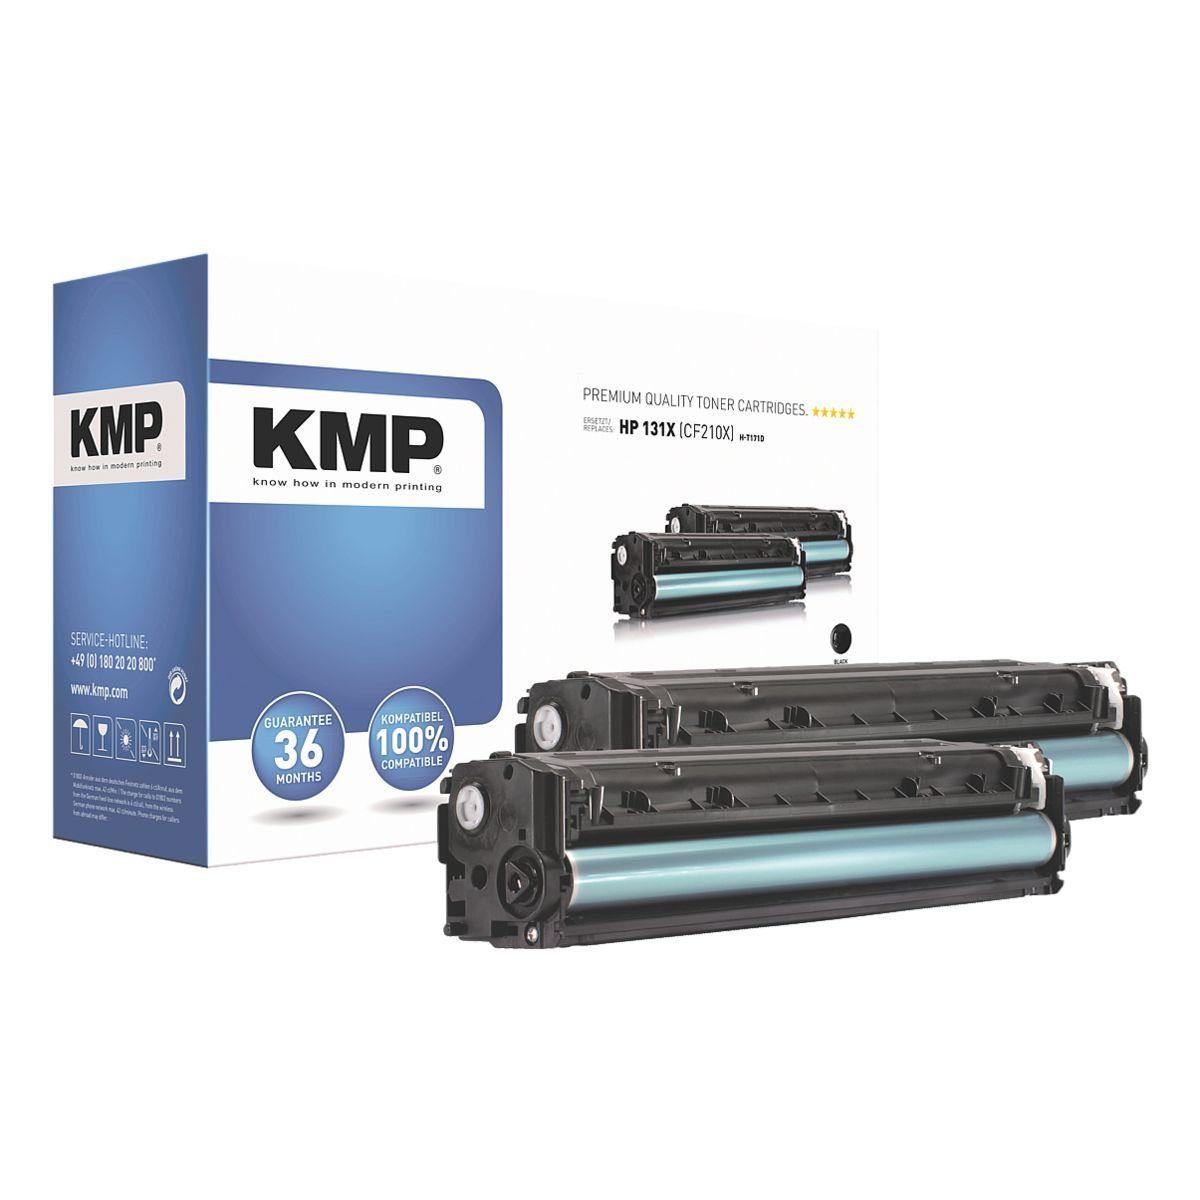 KMP 2er-Pack Toner ersetzt HP »CF211A« 131X